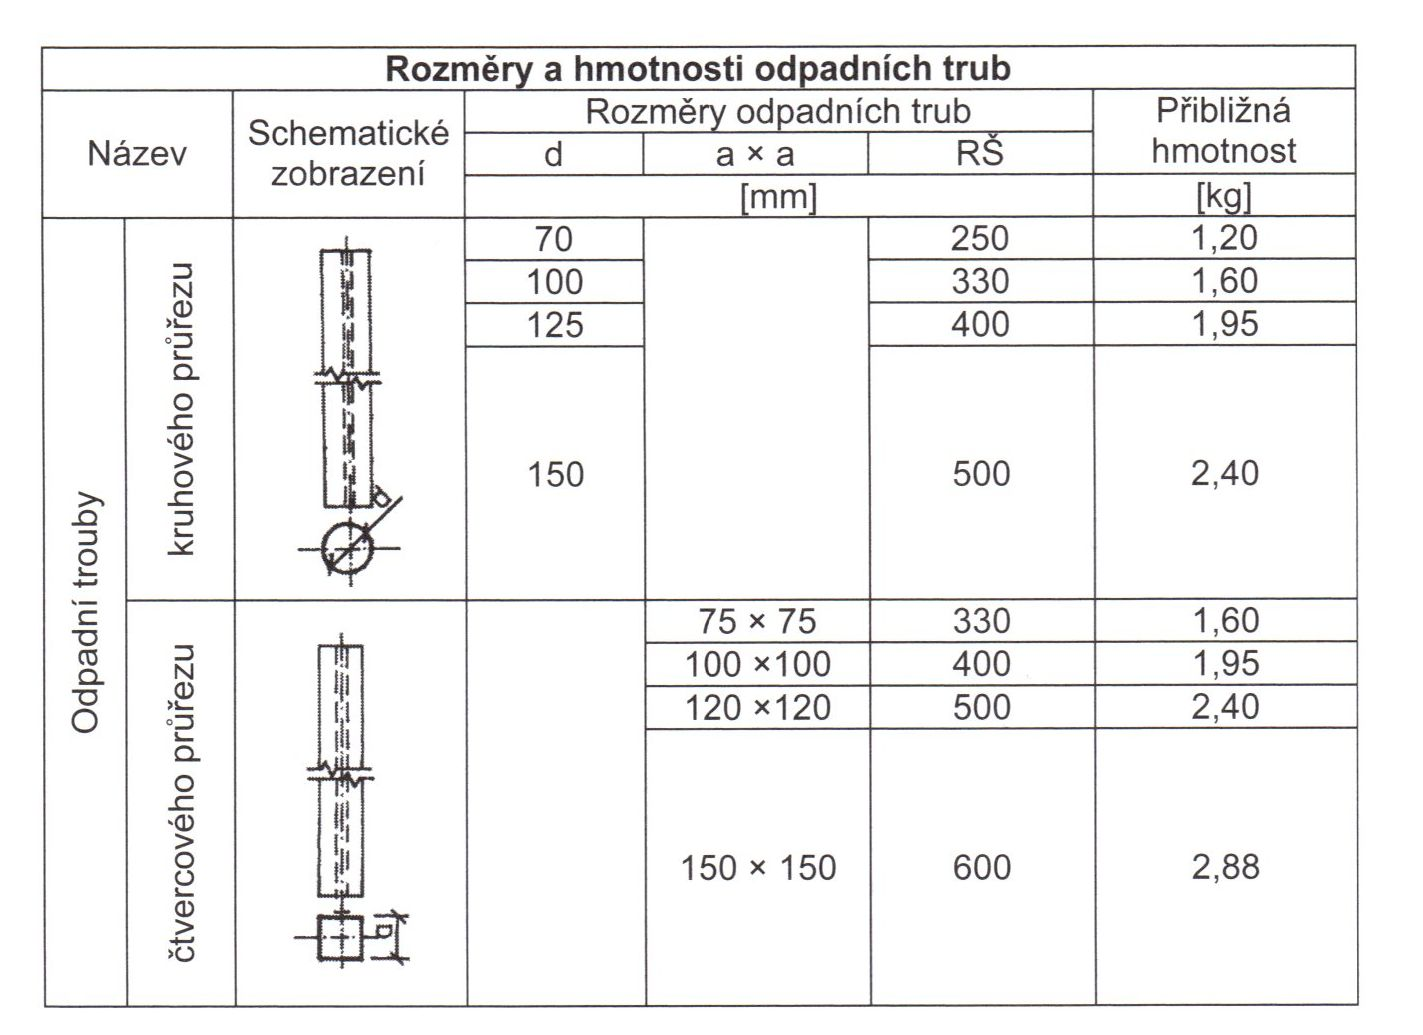 Rozměry a hmotnosti odpadních trub - tabulka